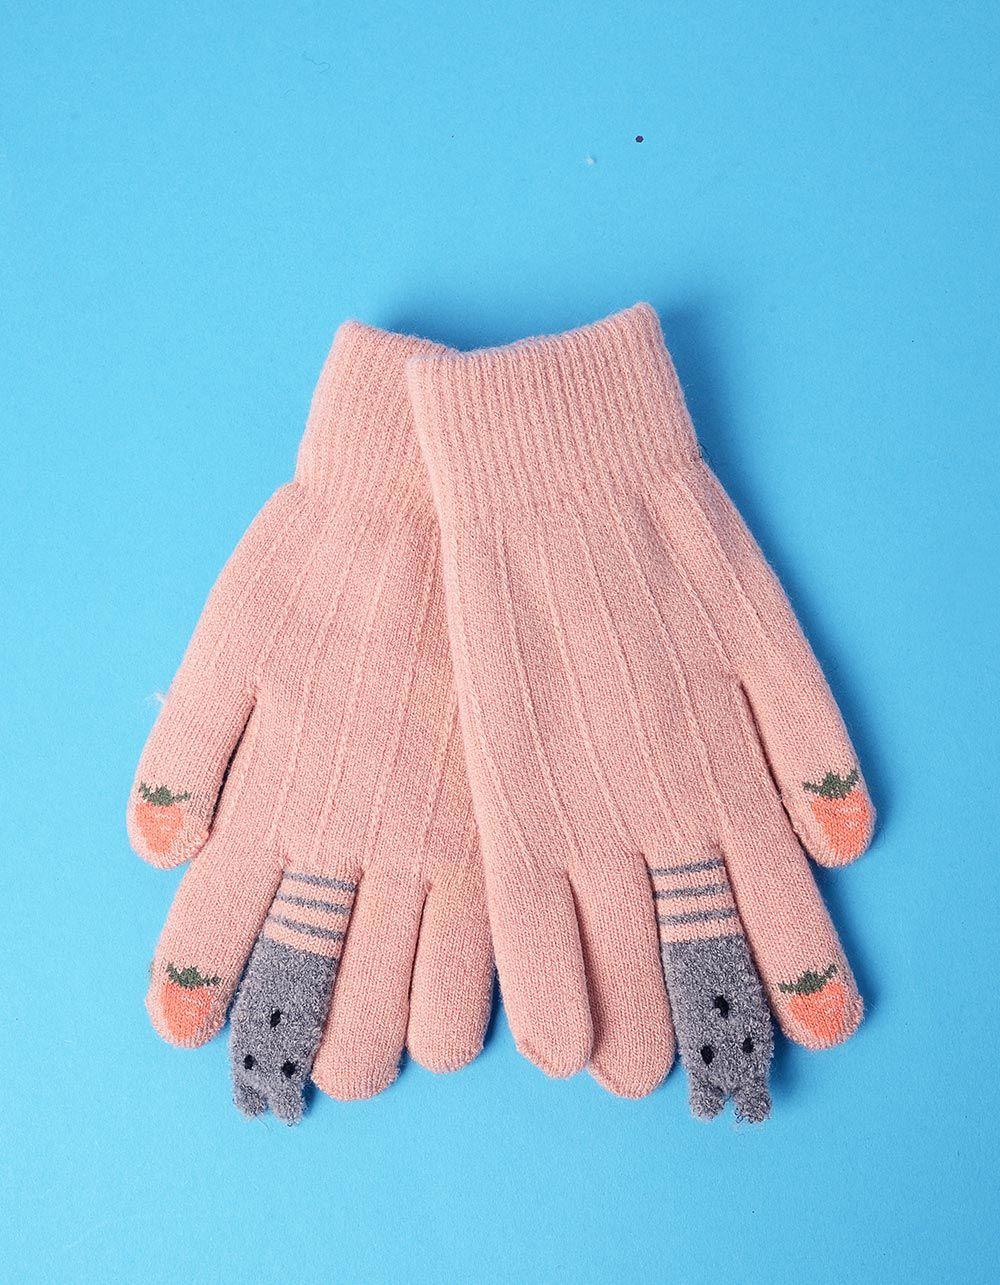 Рукавички з полуницею та звірятками на пальцях | 235297-71-XX